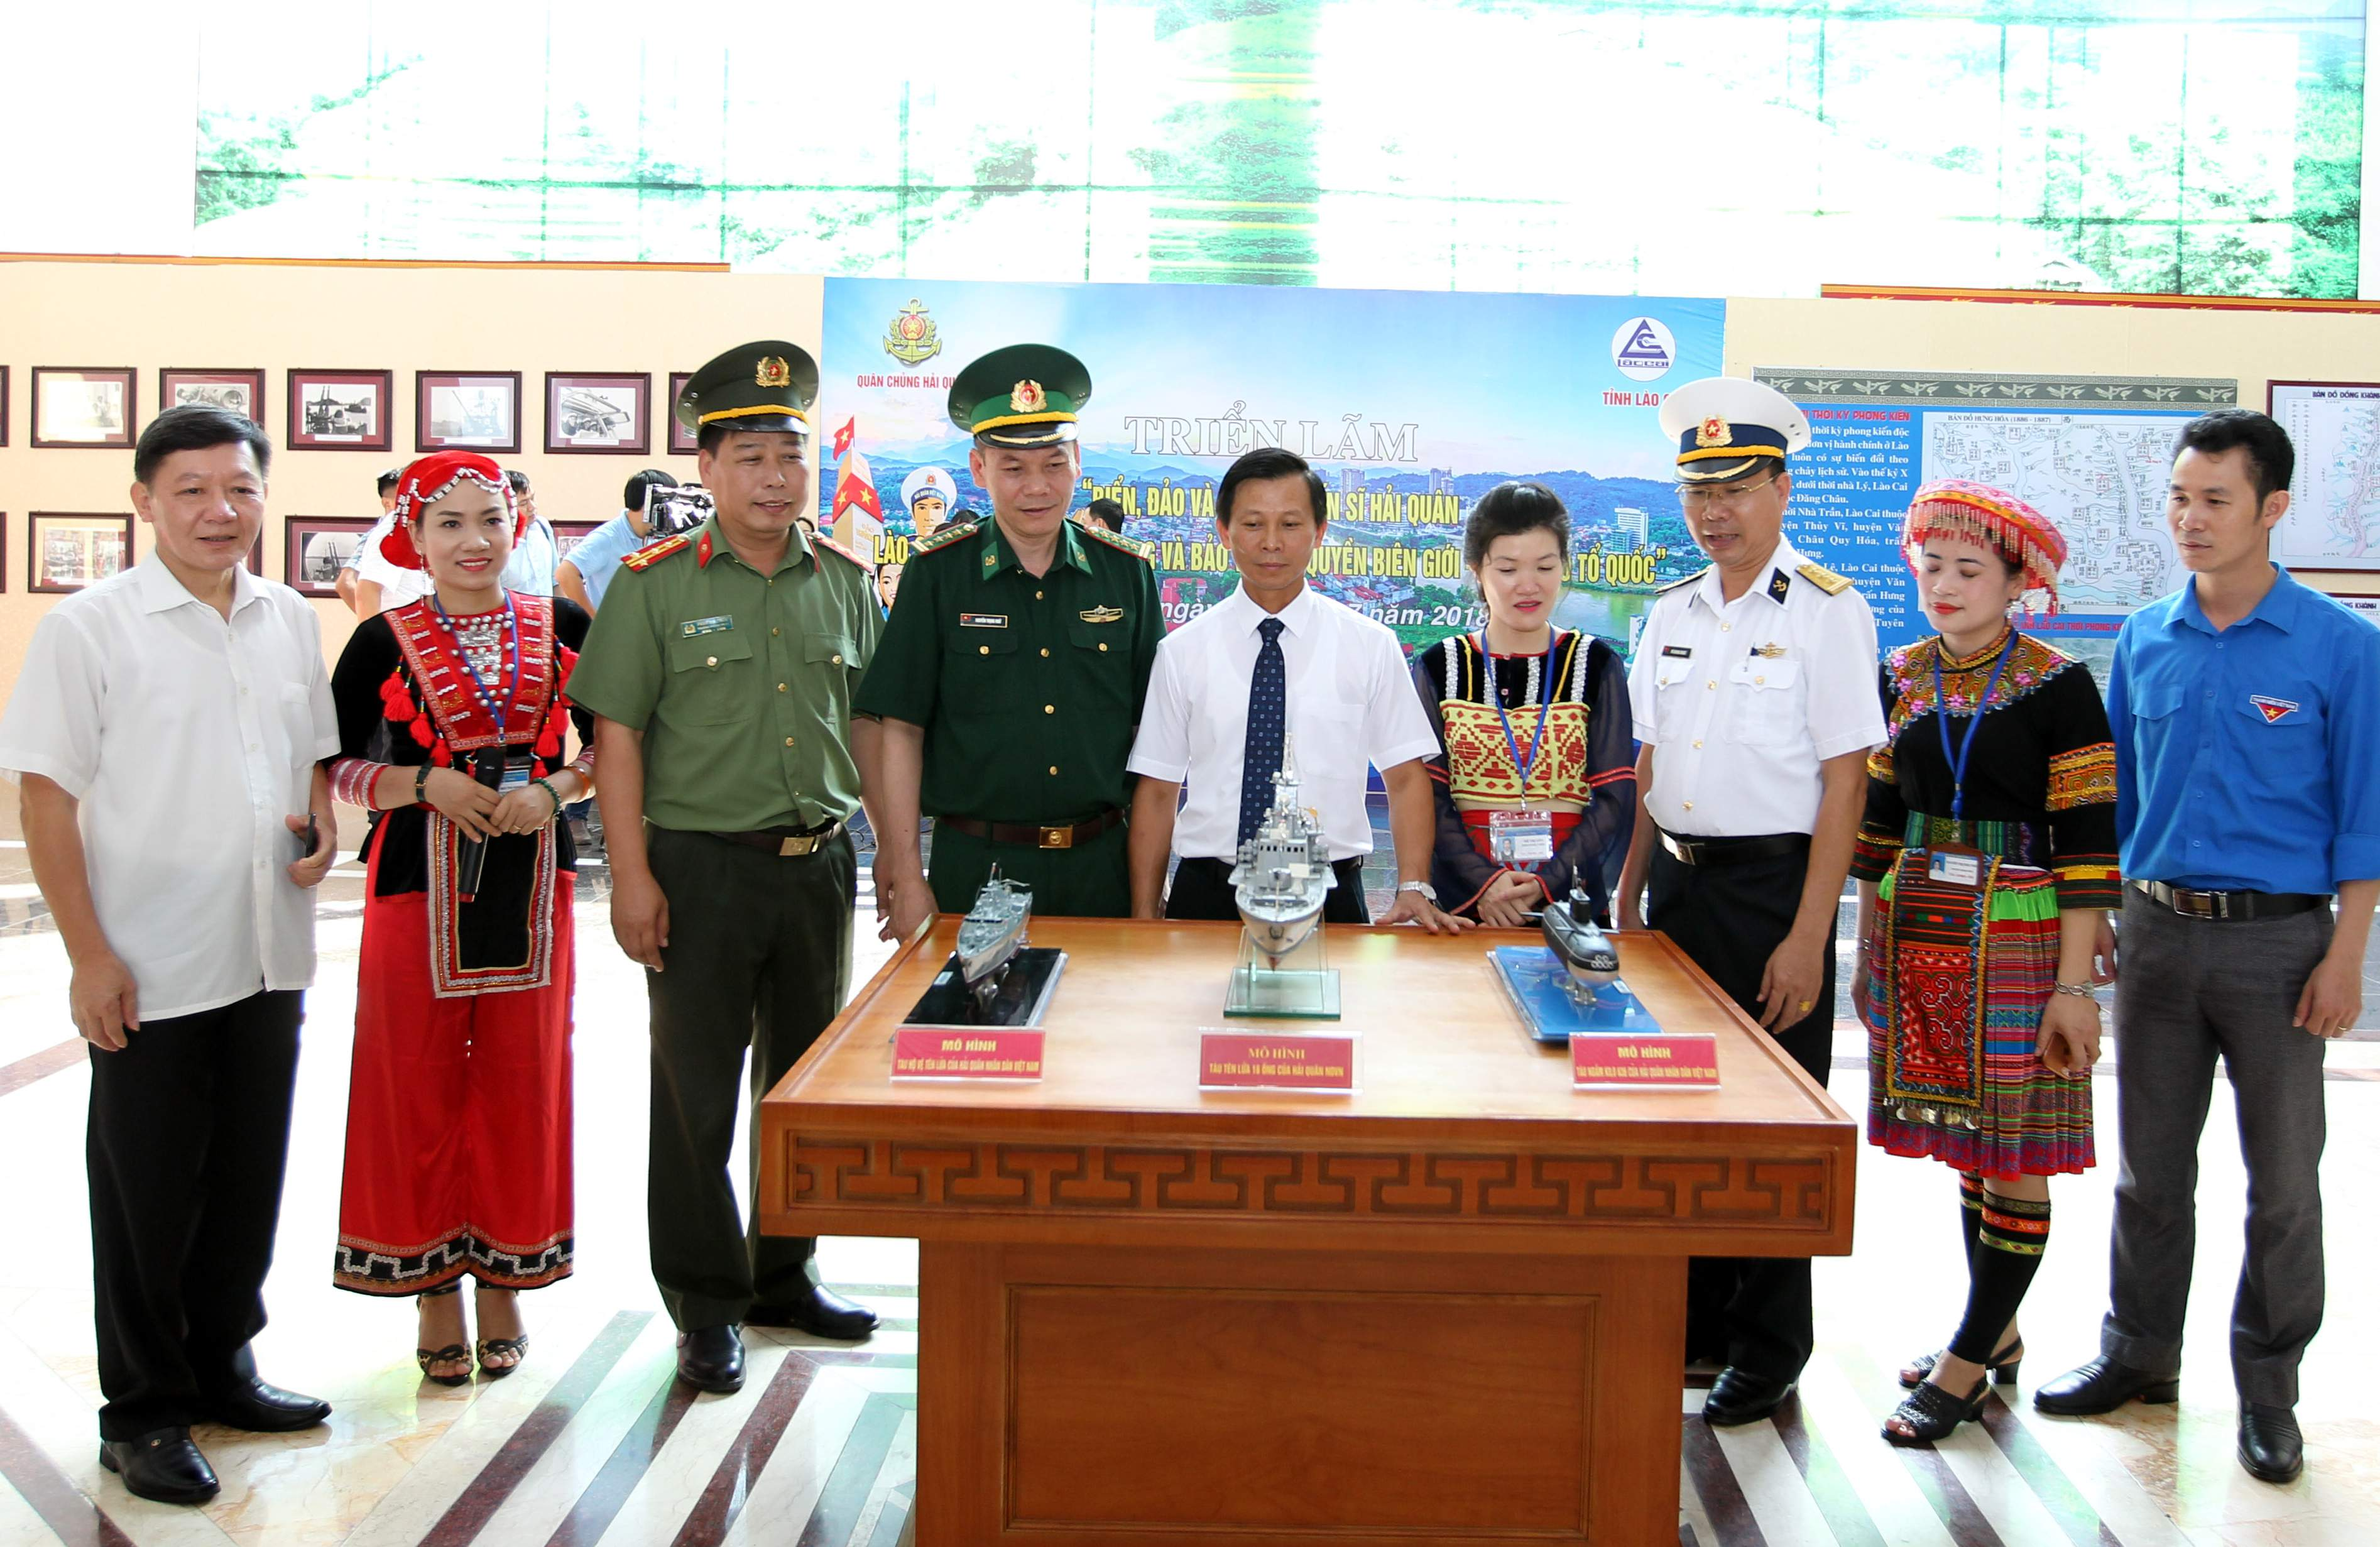 Lào Cai Triển lãm Biển, đảo và người chiến sĩ Hải quân